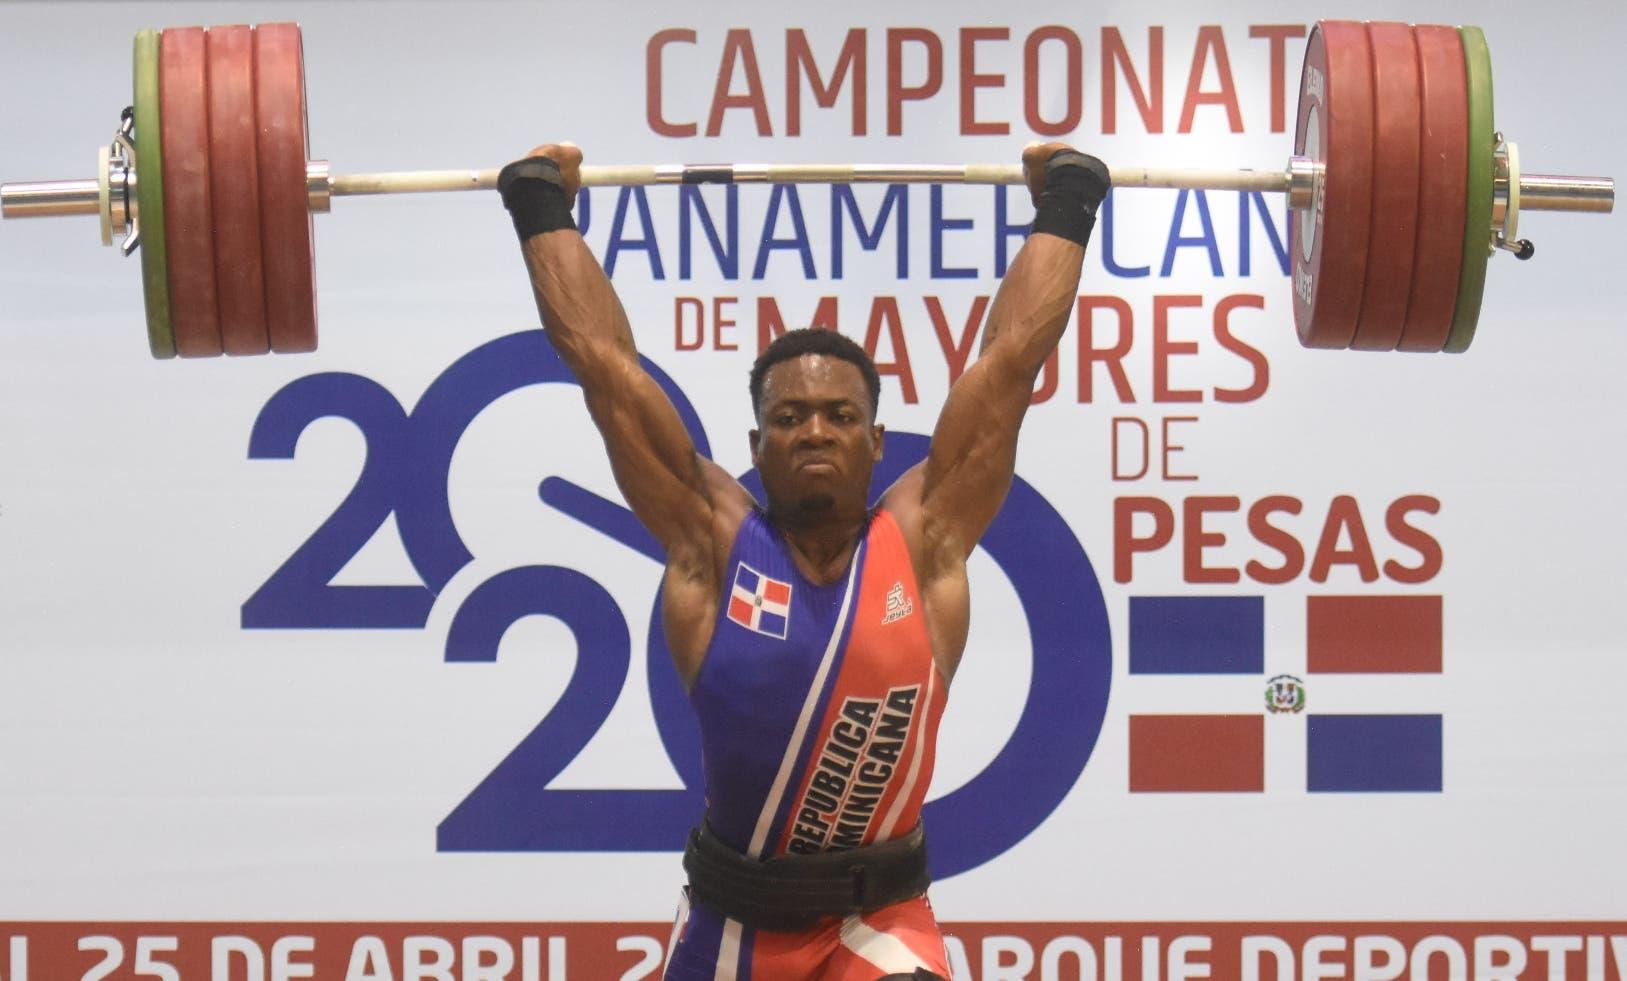 Bonnat gana medalla de oro y dos de plata